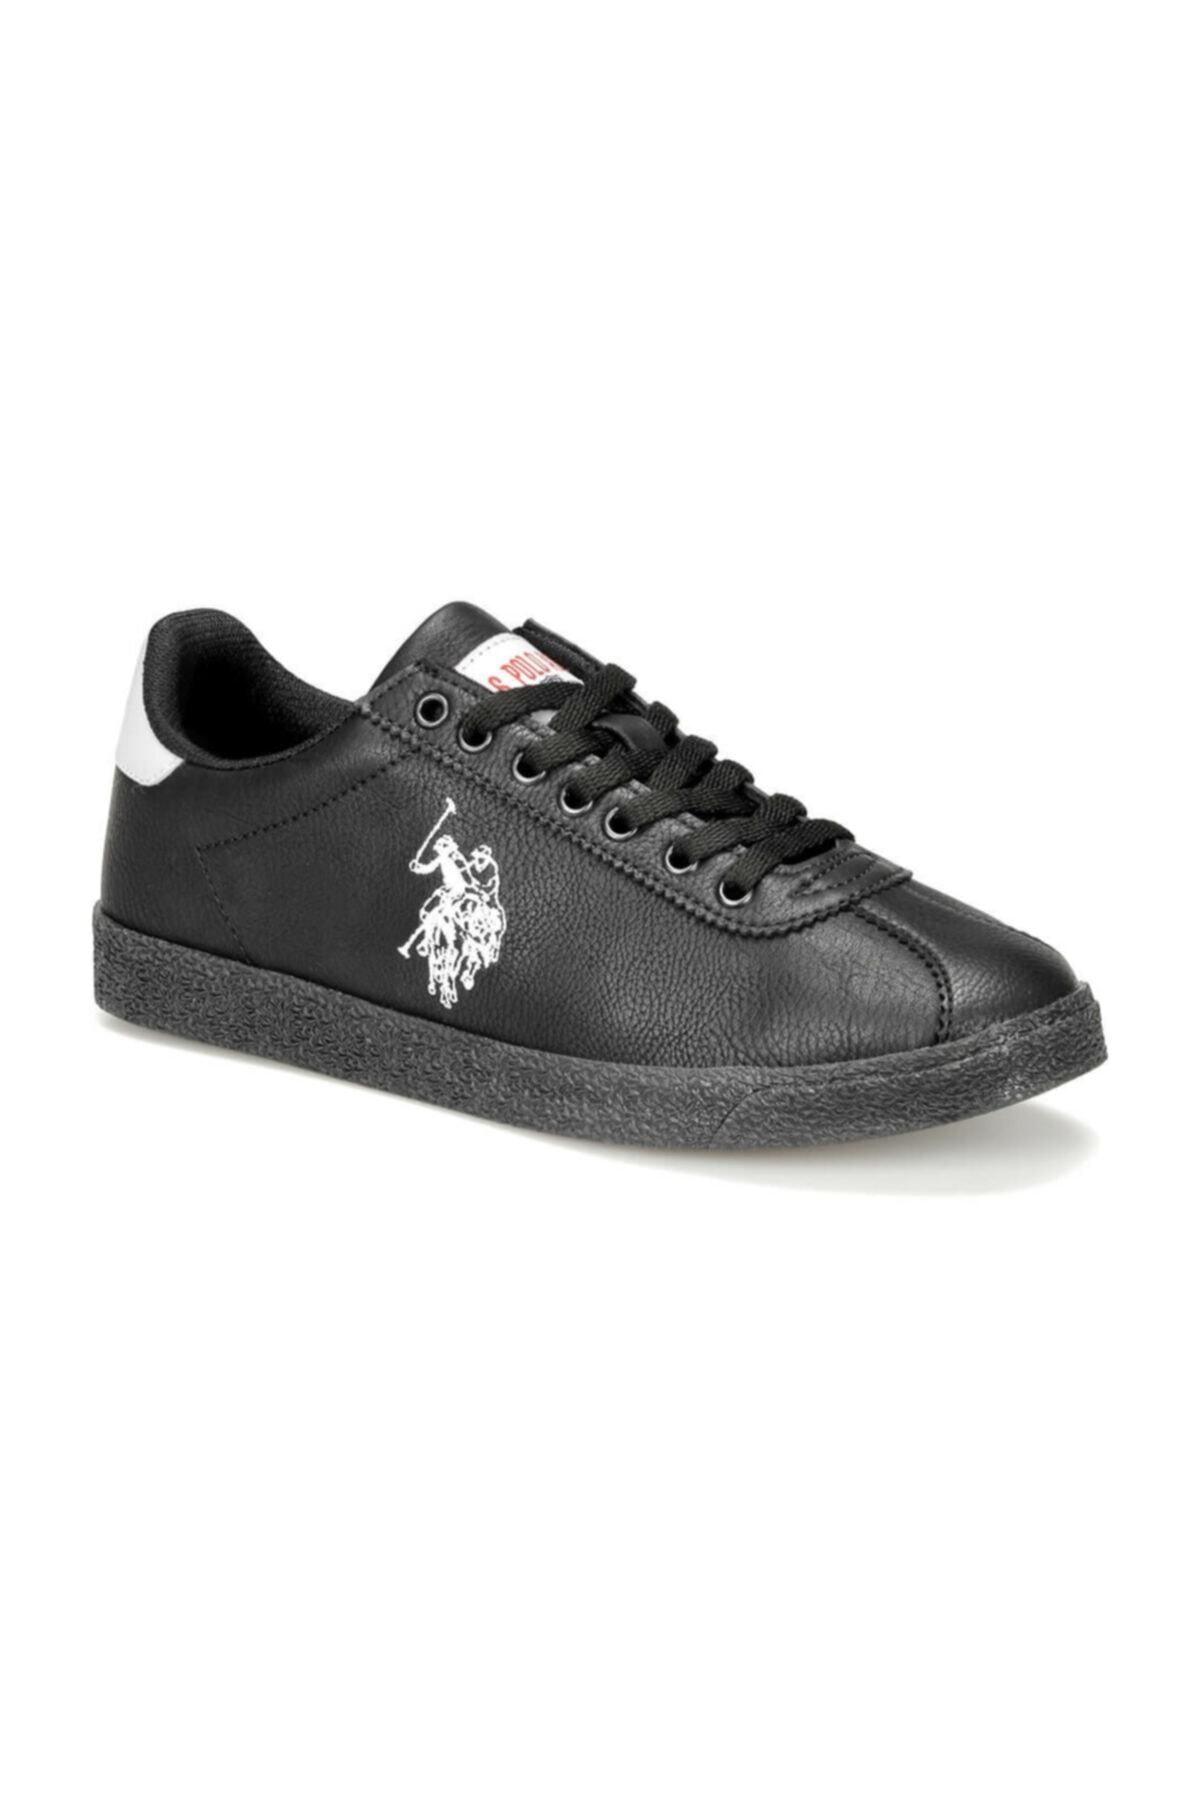 U.S. Polo Assn. TABOR WT 9PR Siyah Kadın Sneaker Ayakkabı 100422468 1